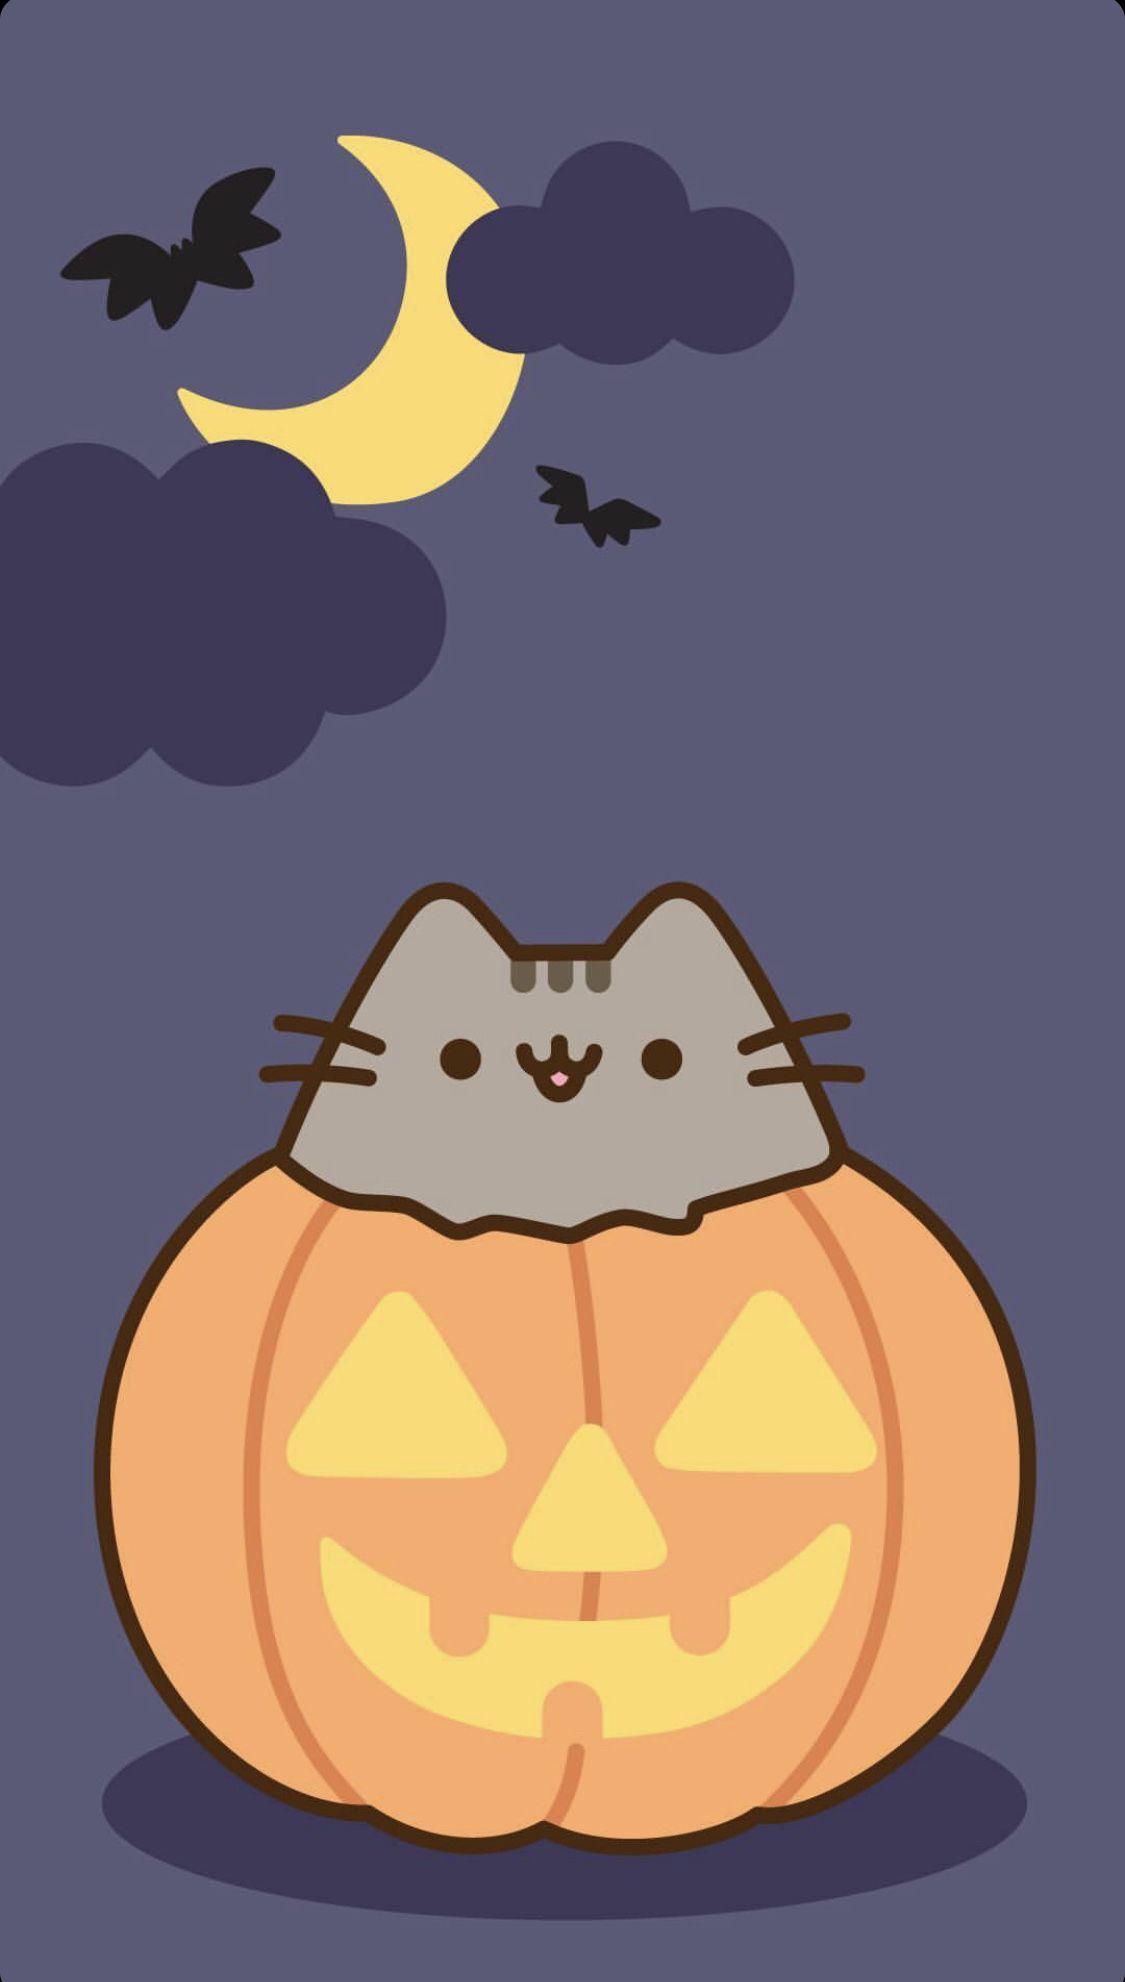 Pusheen Halloween Wallpaper Halloween Wallpaper Cute Pusheen Cute Halloween Wallpaper Iphone